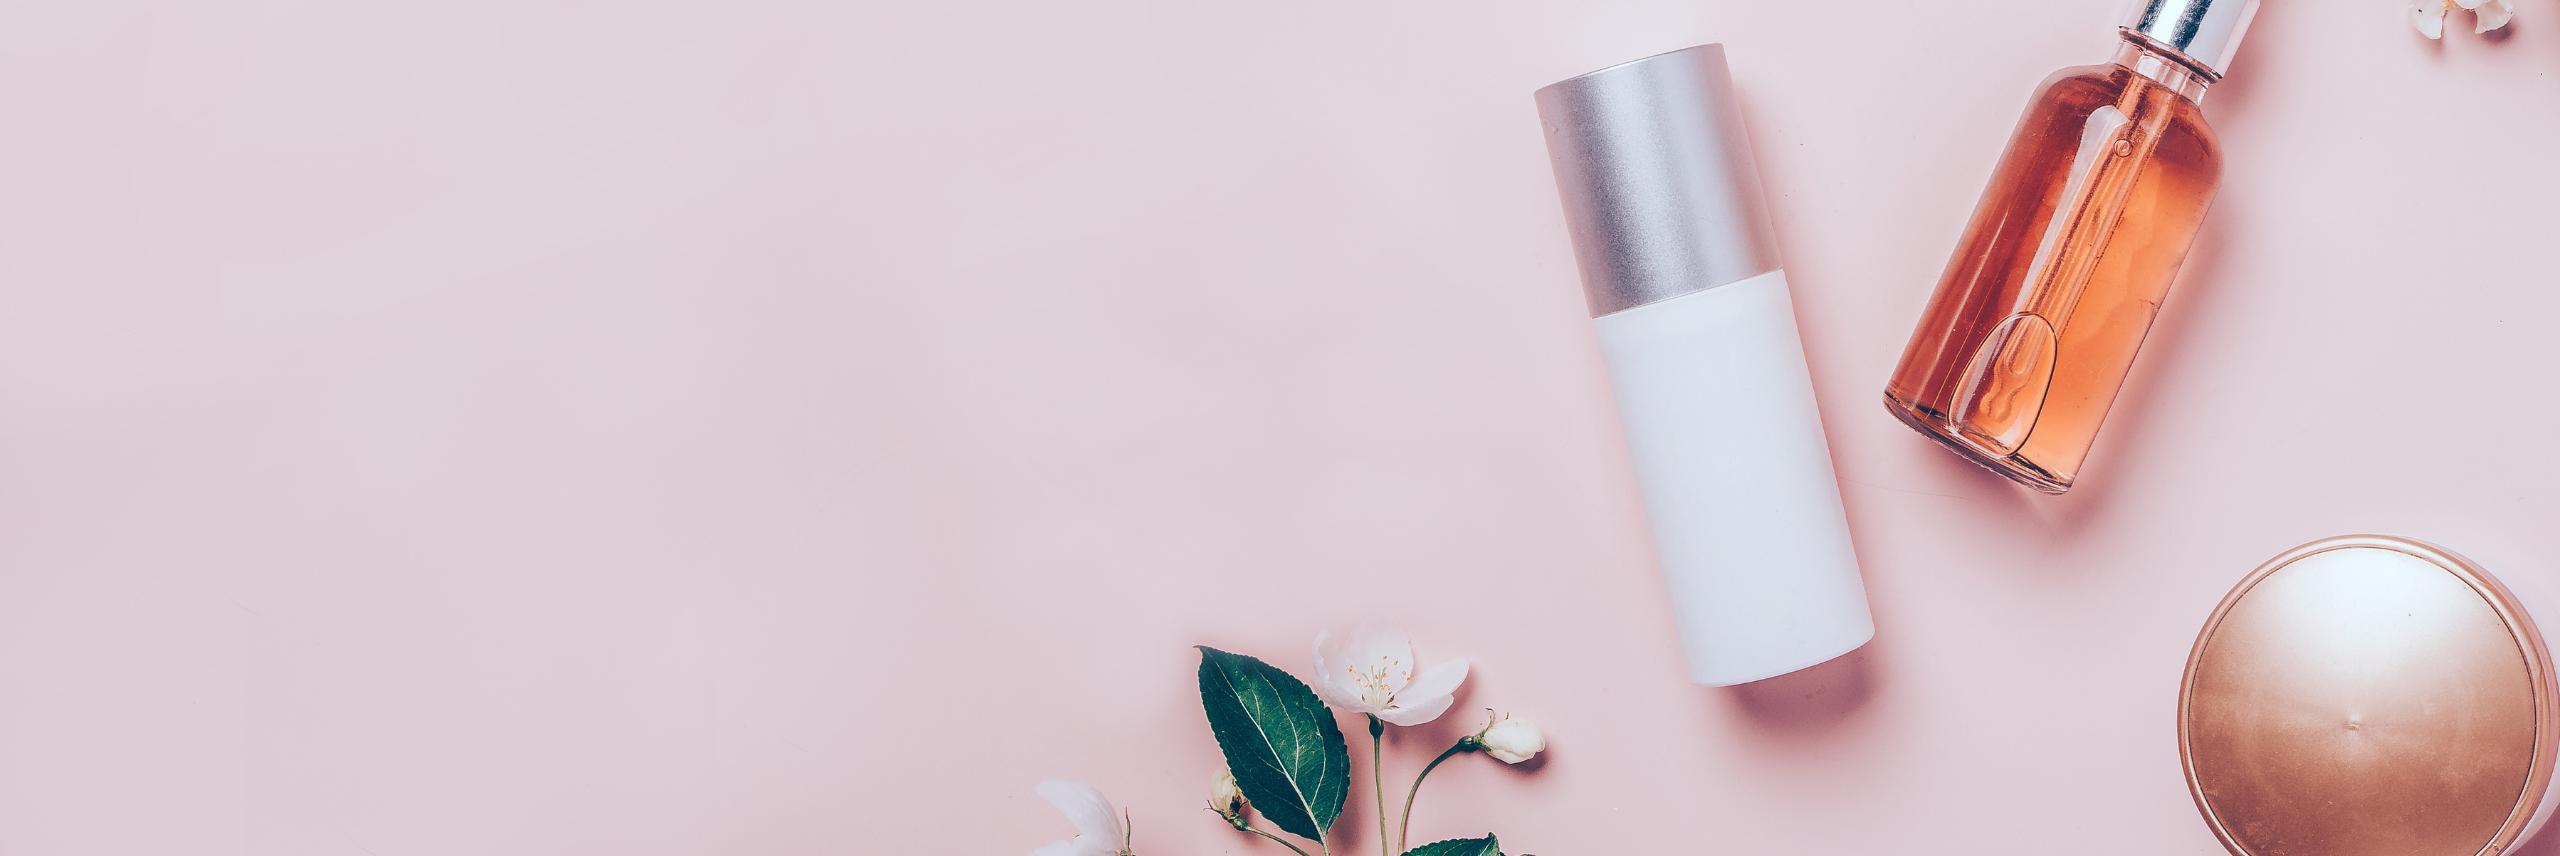 White & Private Label Cosmetics